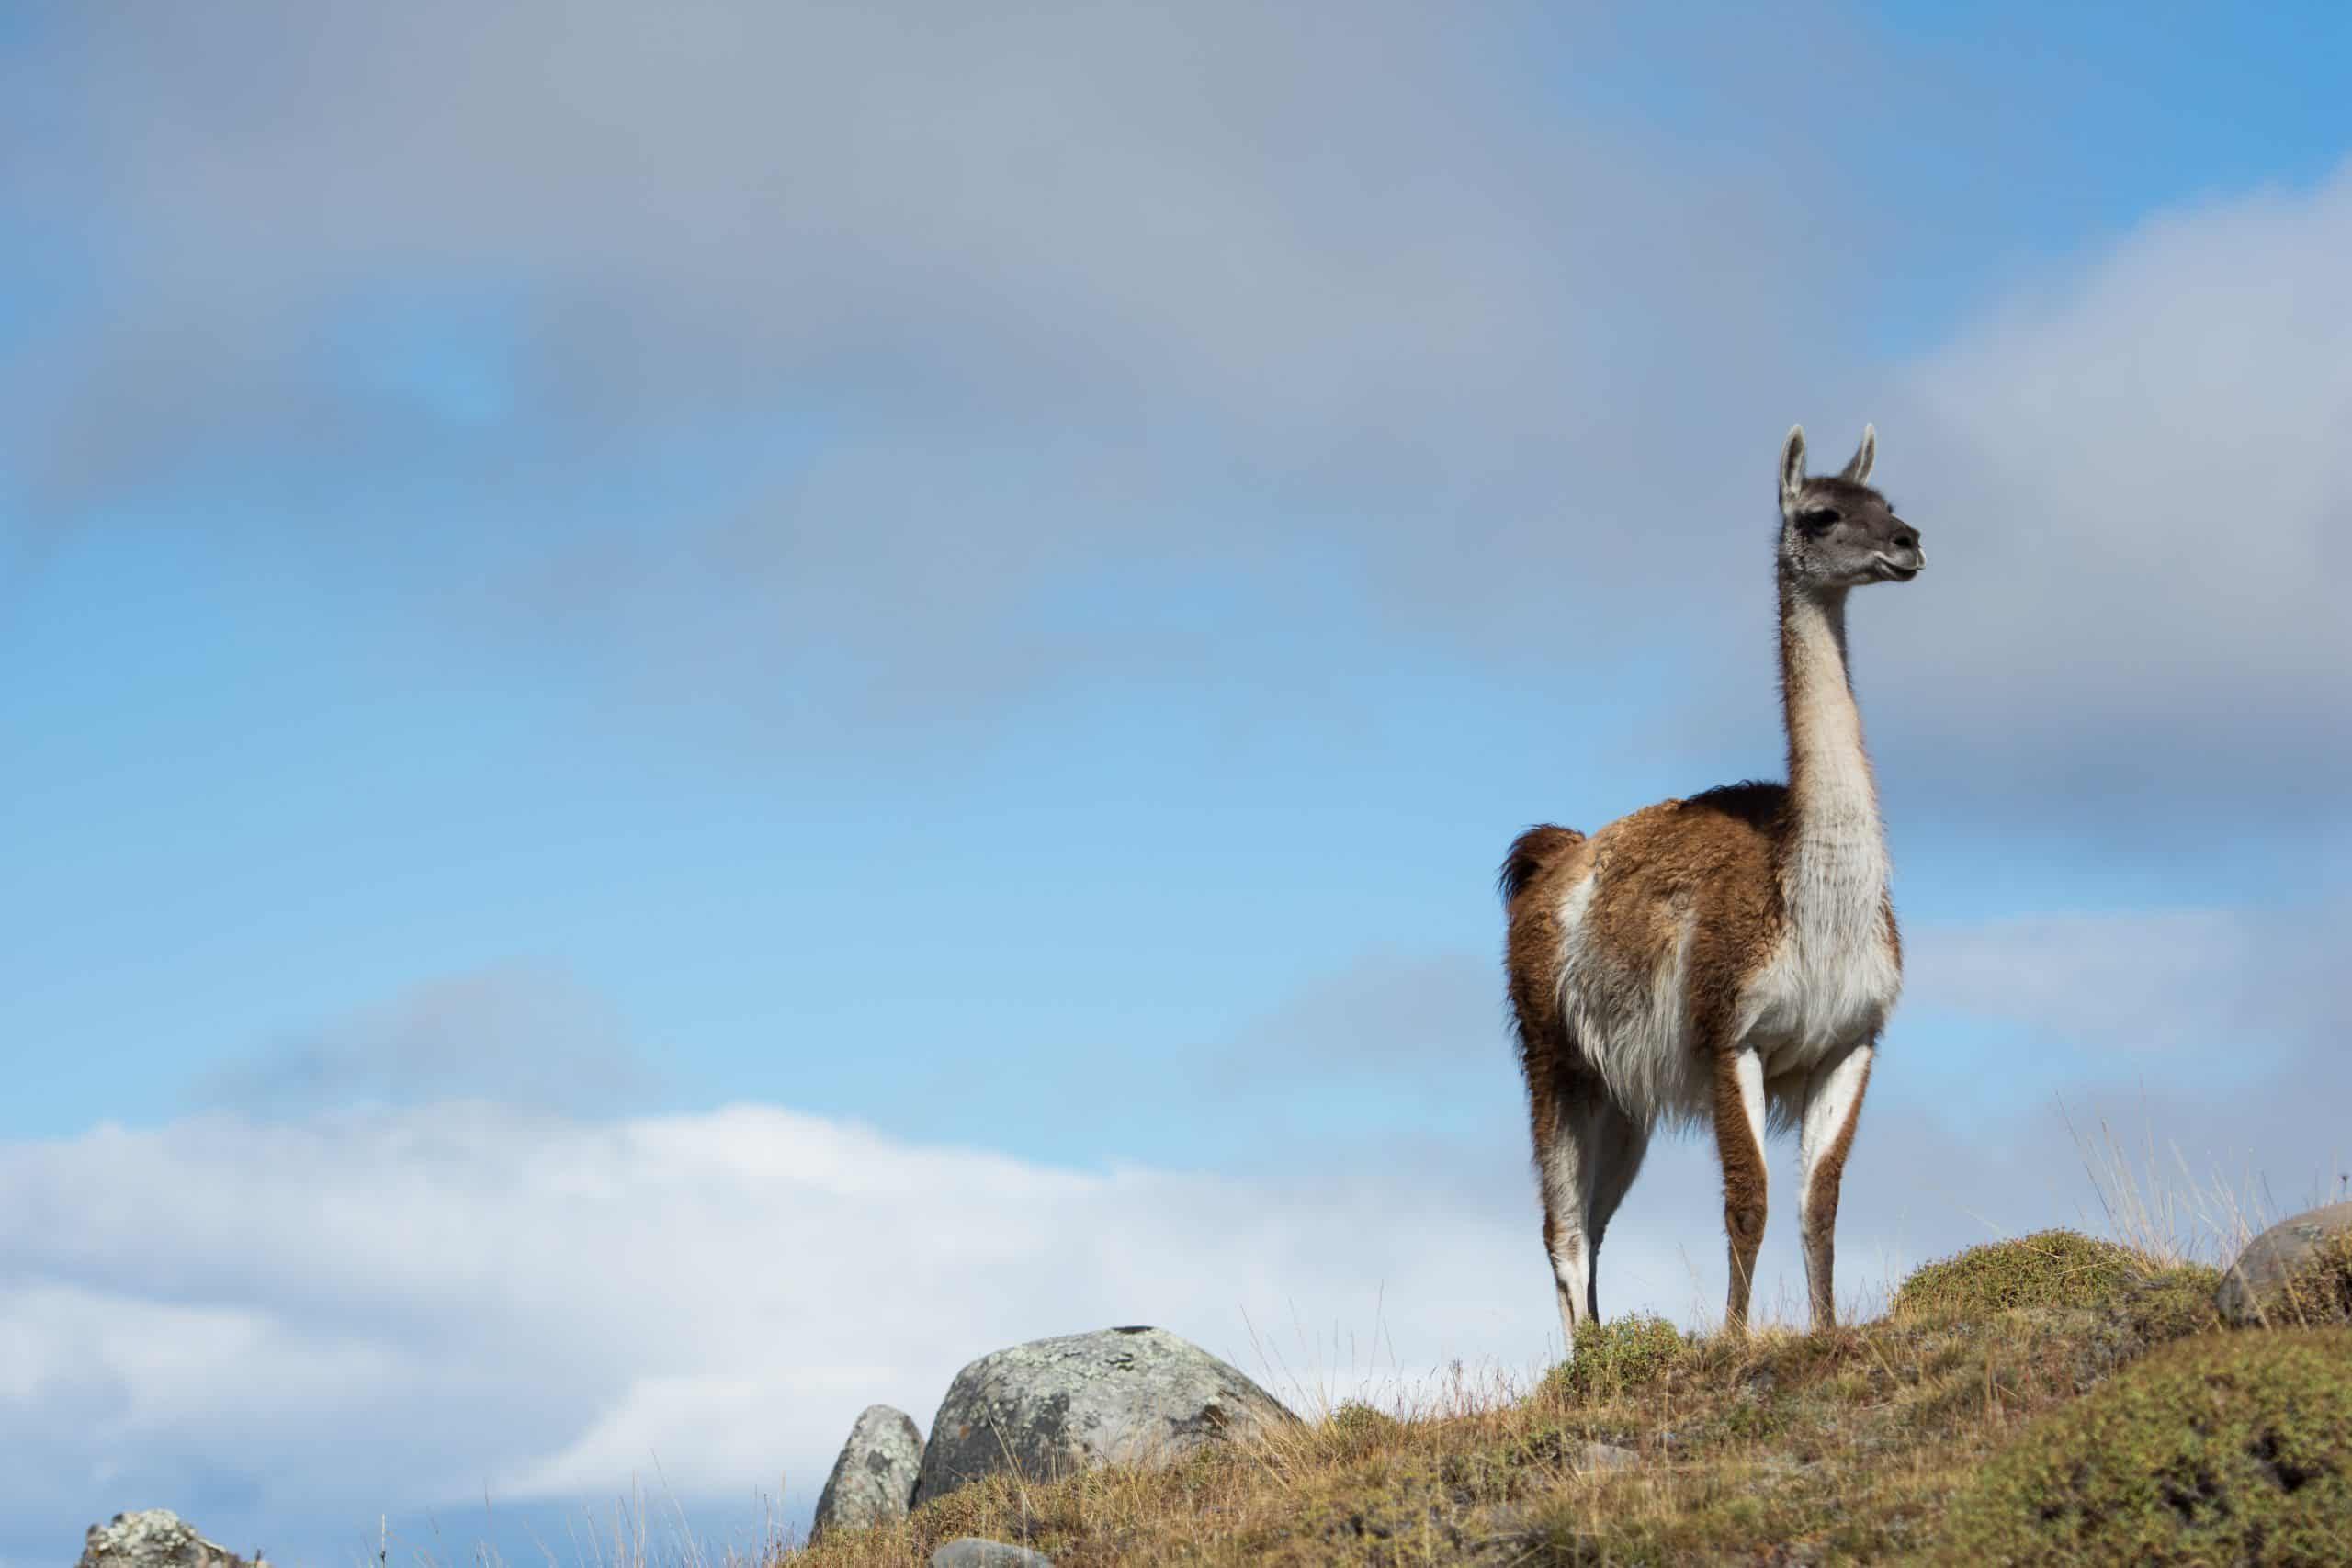 Swoop Charlie Recce Guanaco Torres Del Paine Wildlife 6